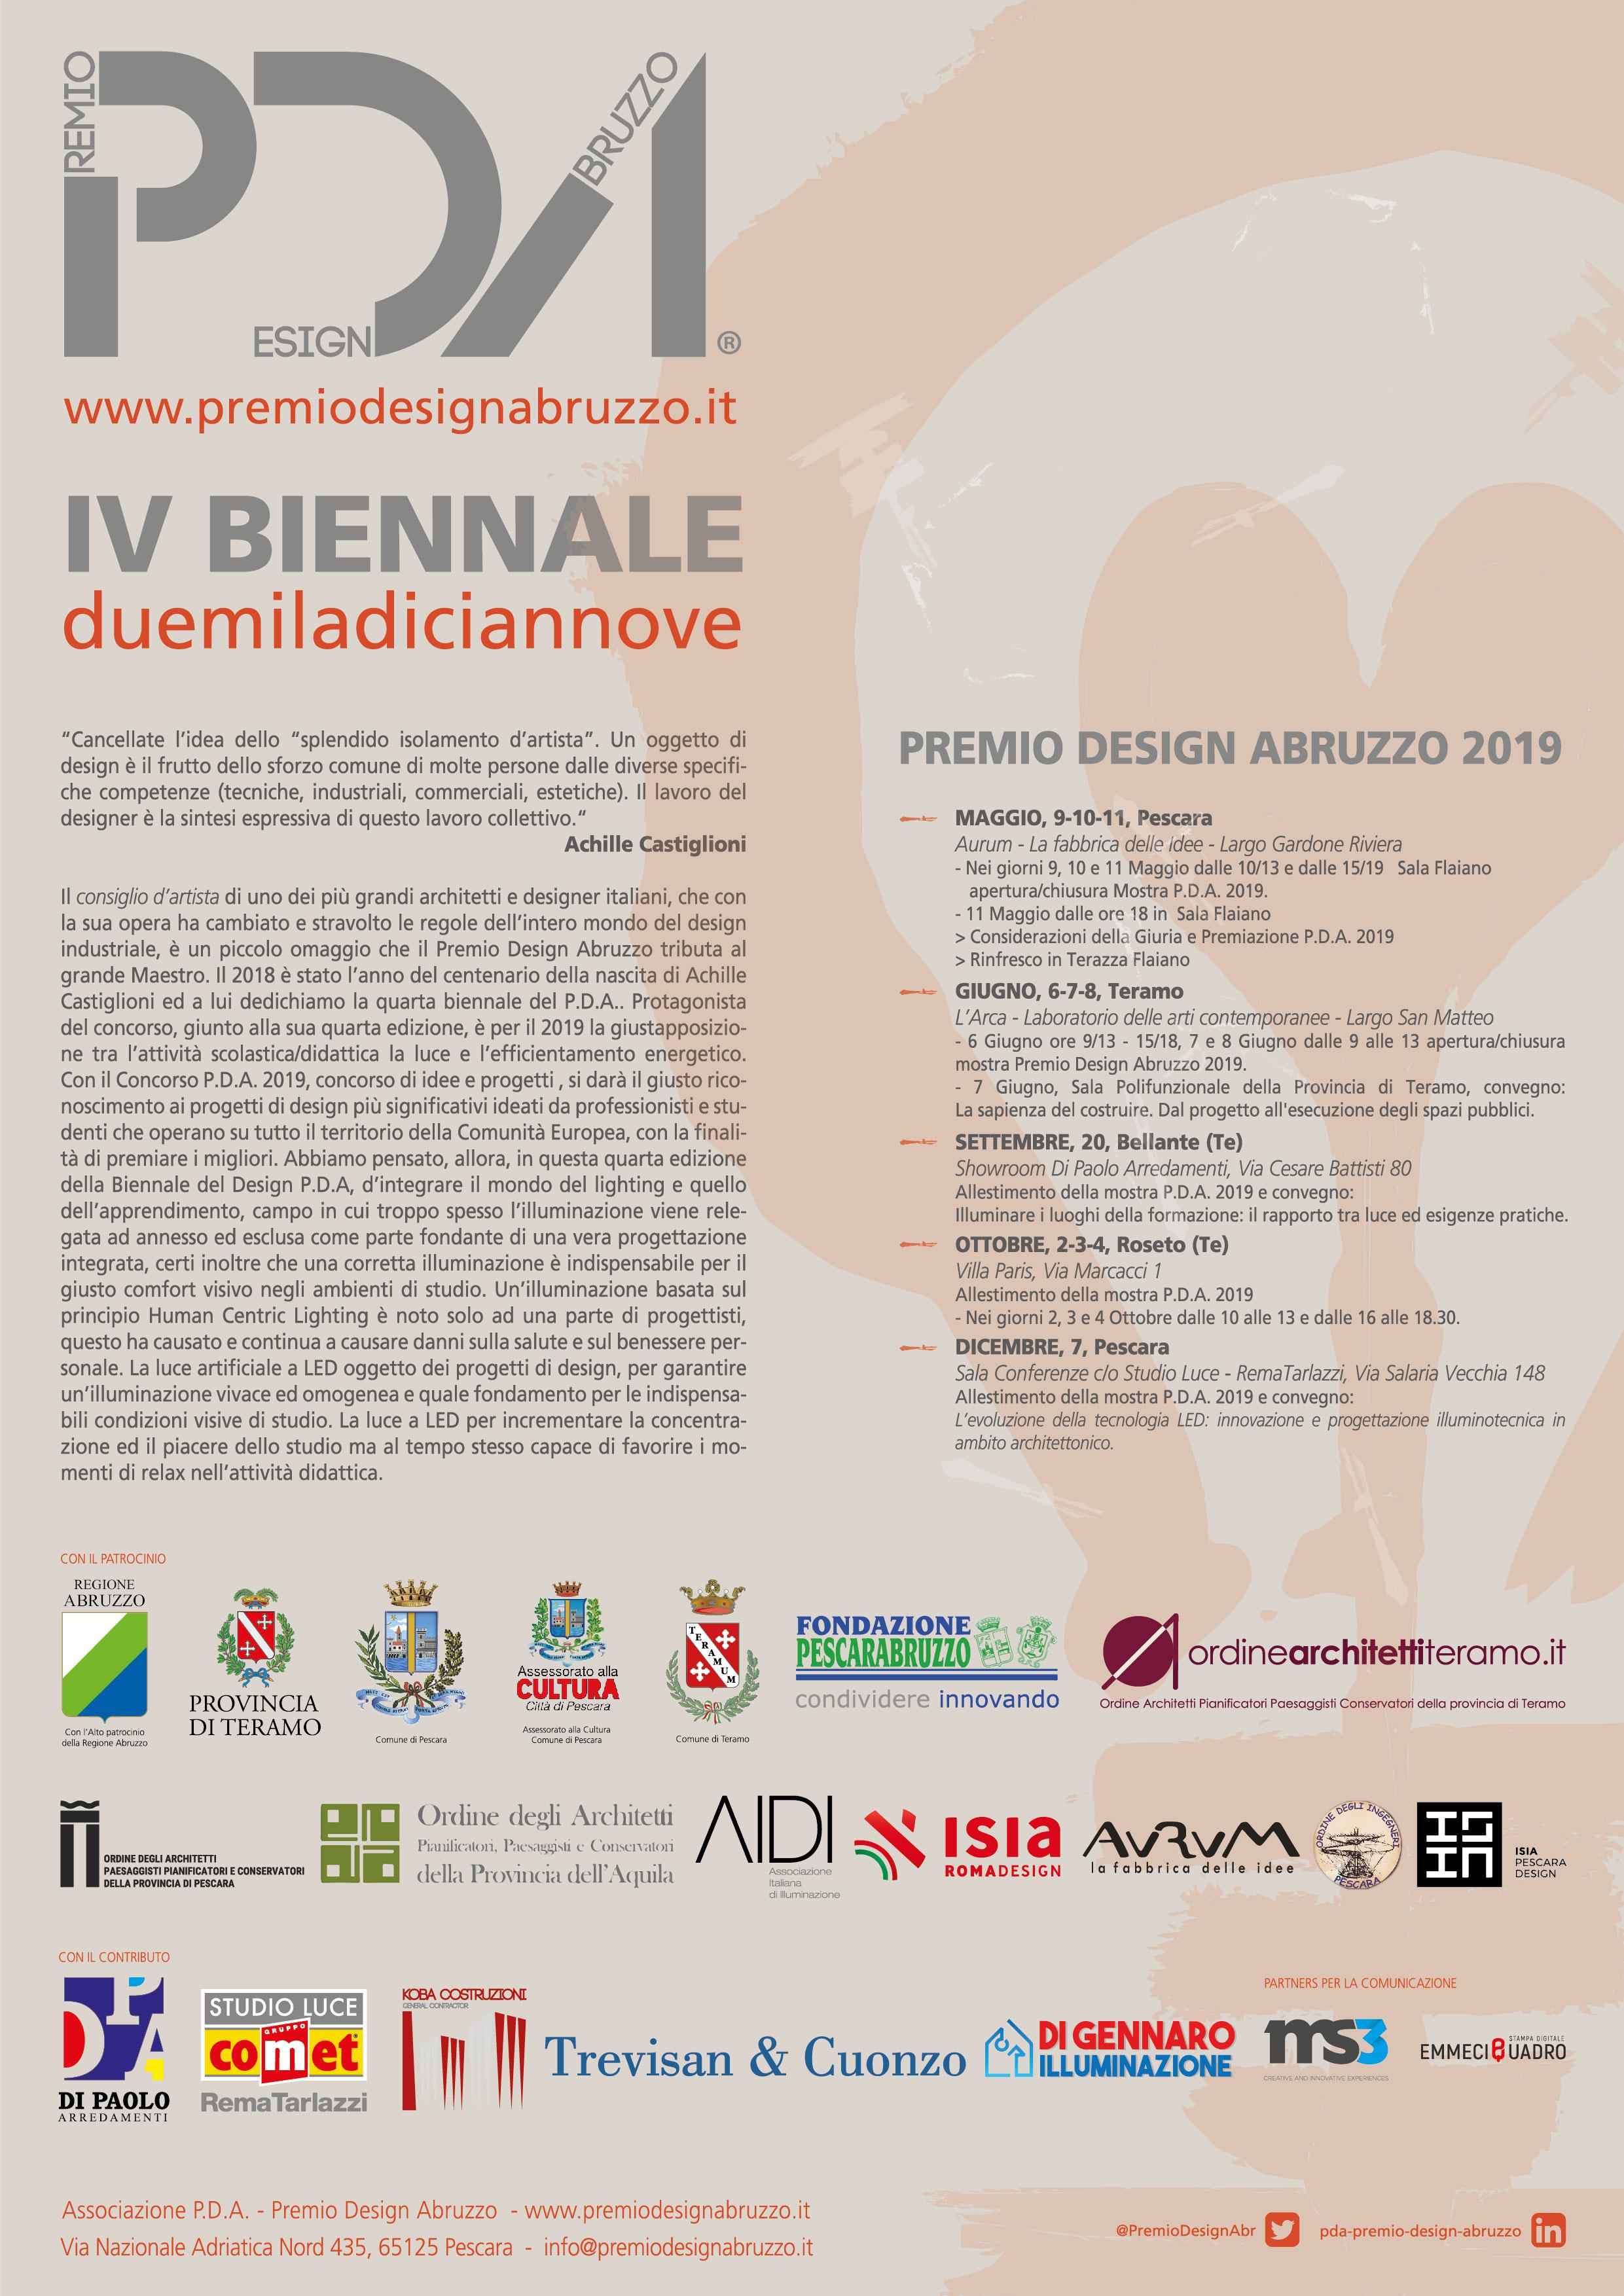 La mostra della IV Biennale P.D.A. 2019 | Premio Design ...